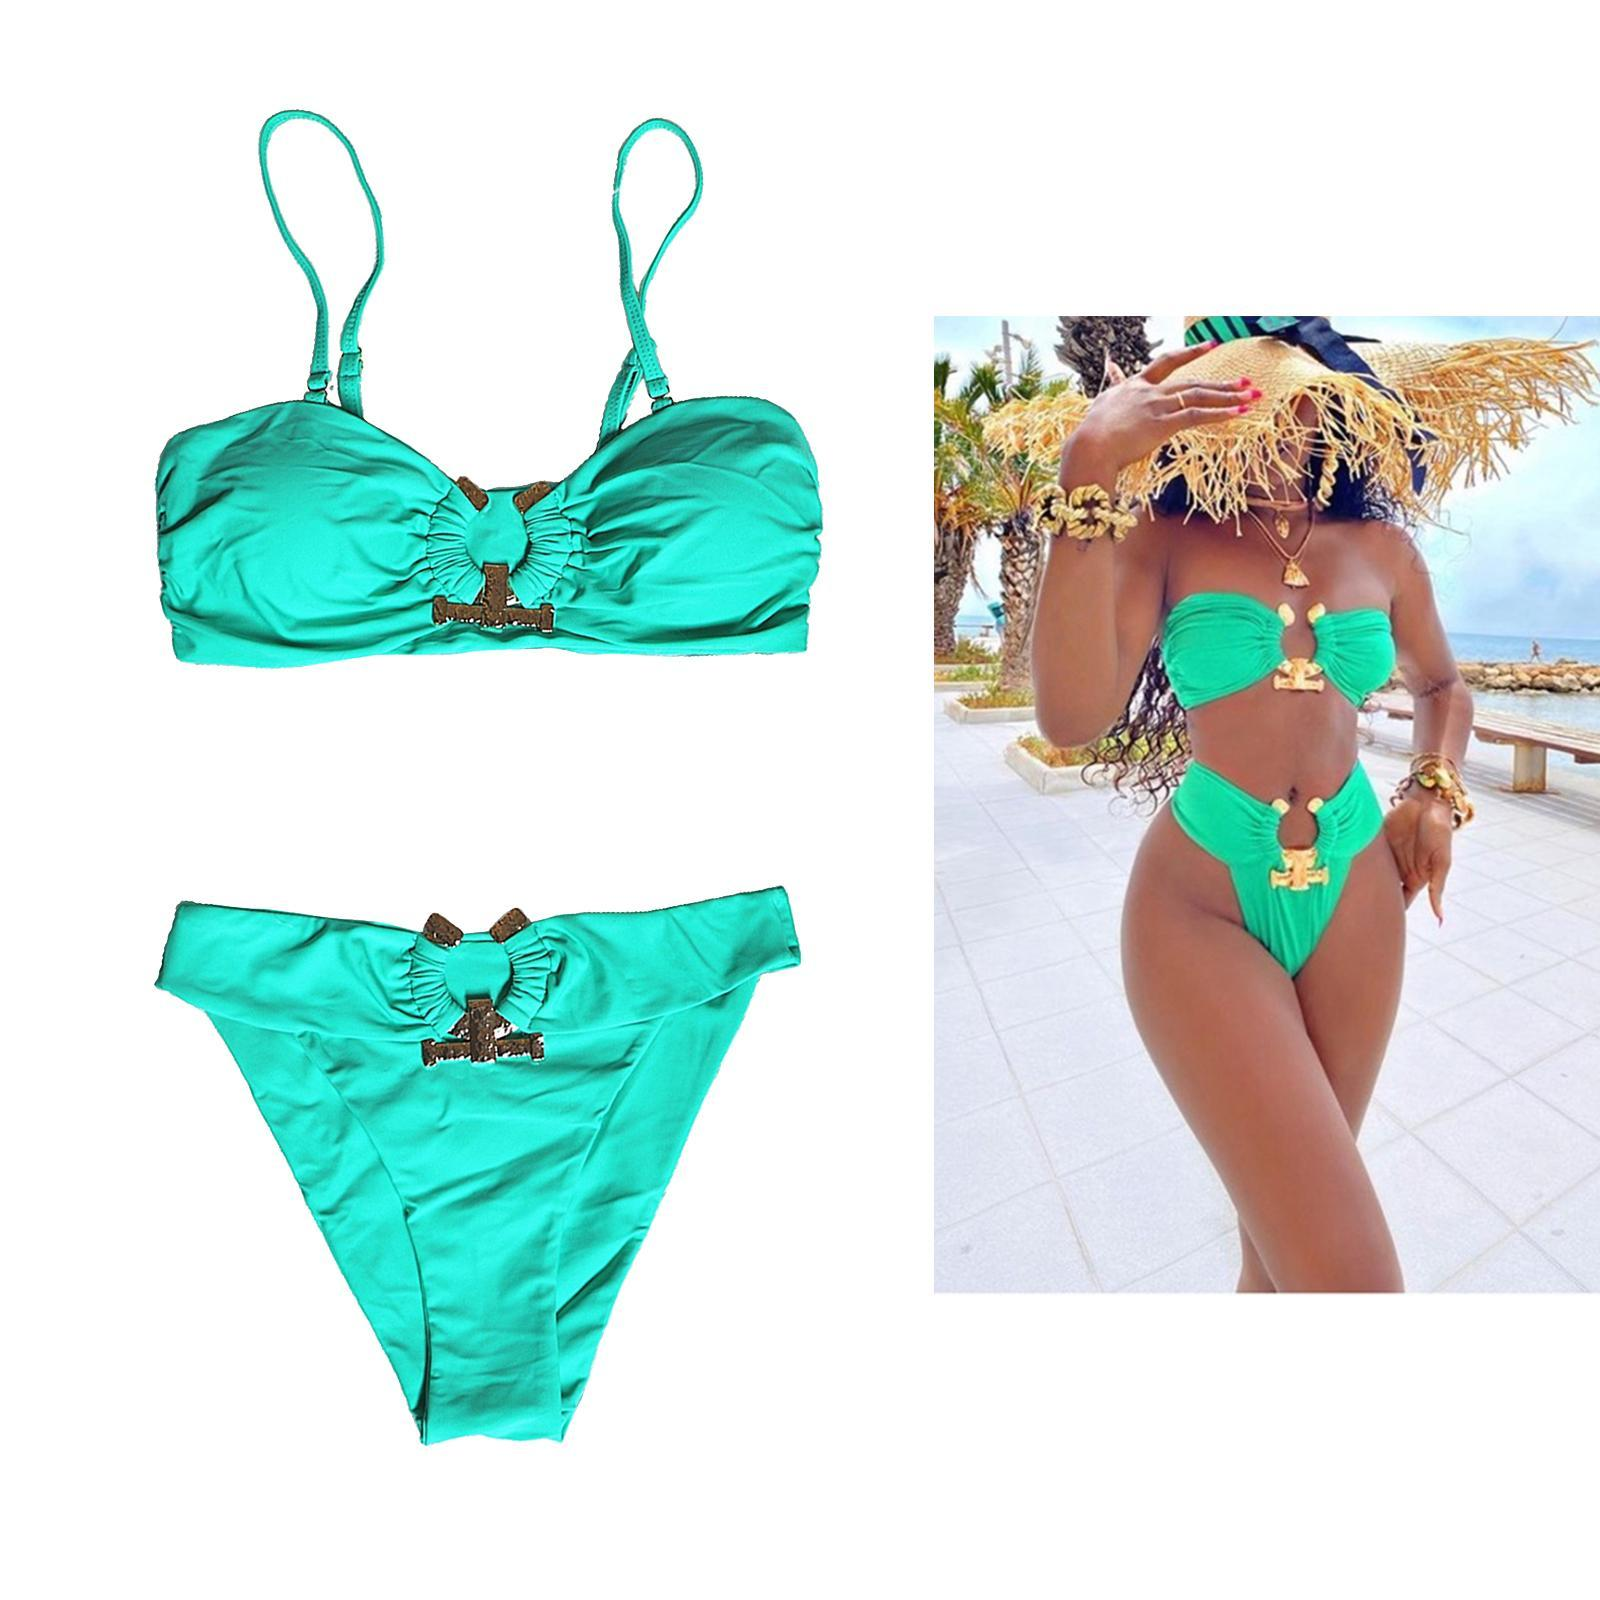 Indexbild 118 - Zwei Stücke Bikini Set Strappy Bademode Party Badeanzug Tankini Bademode